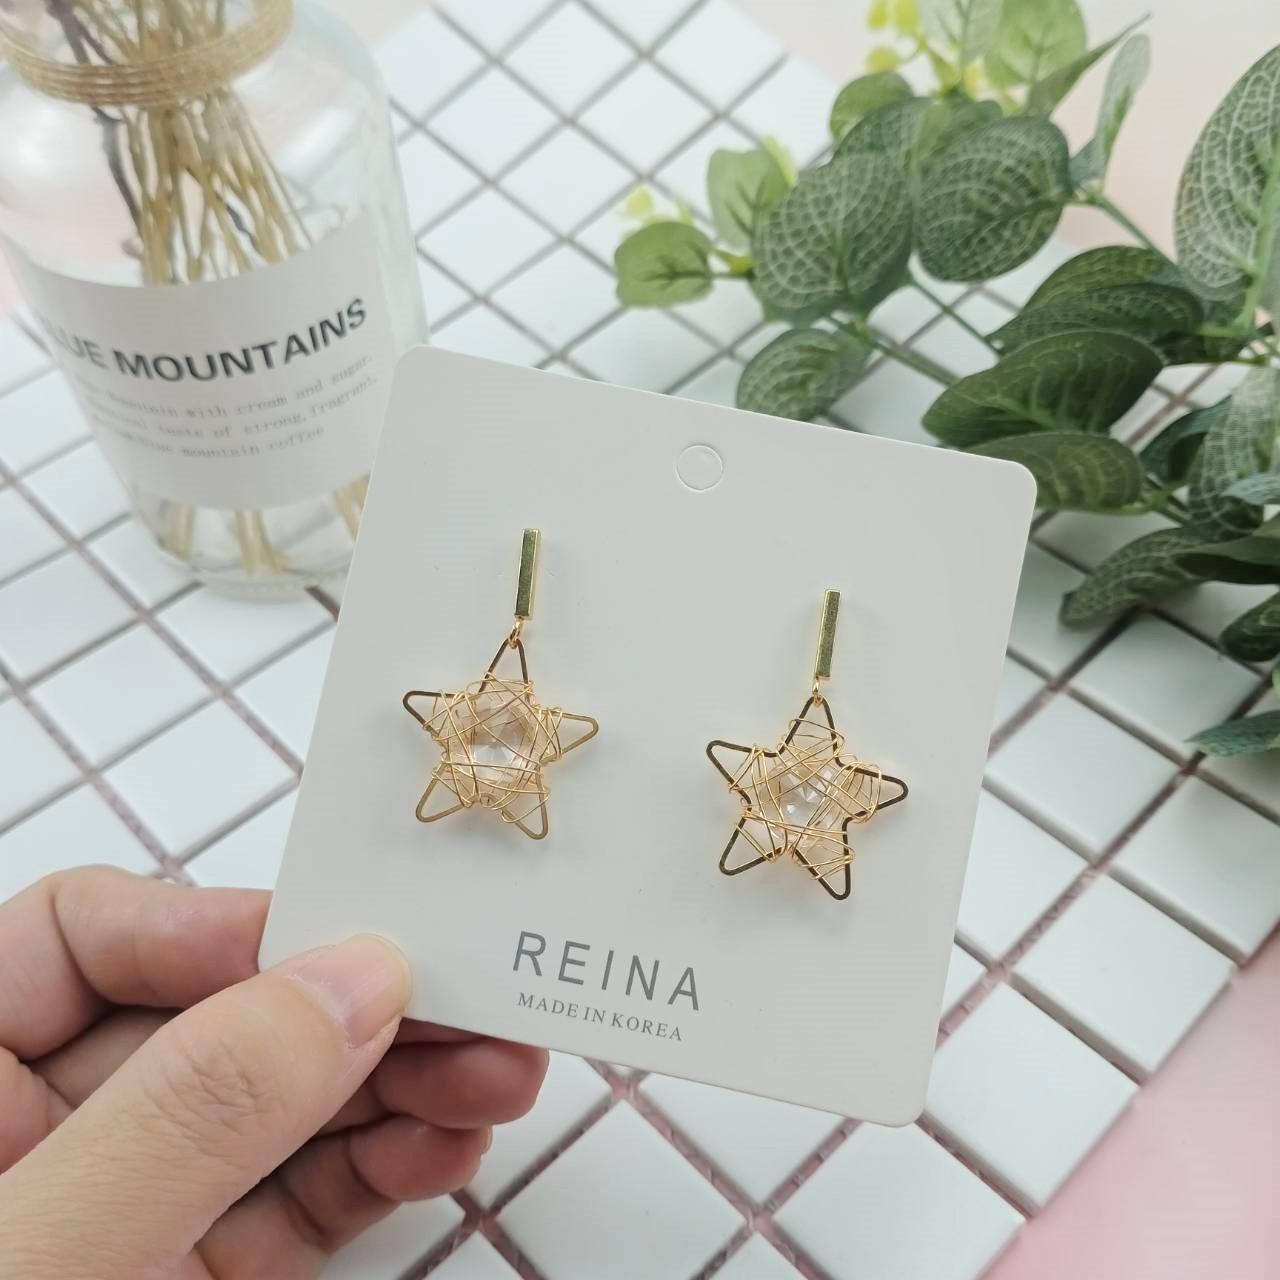 韓國金屬五芒星手作設計氣質超仙耳釘耳環星星寶石耳環